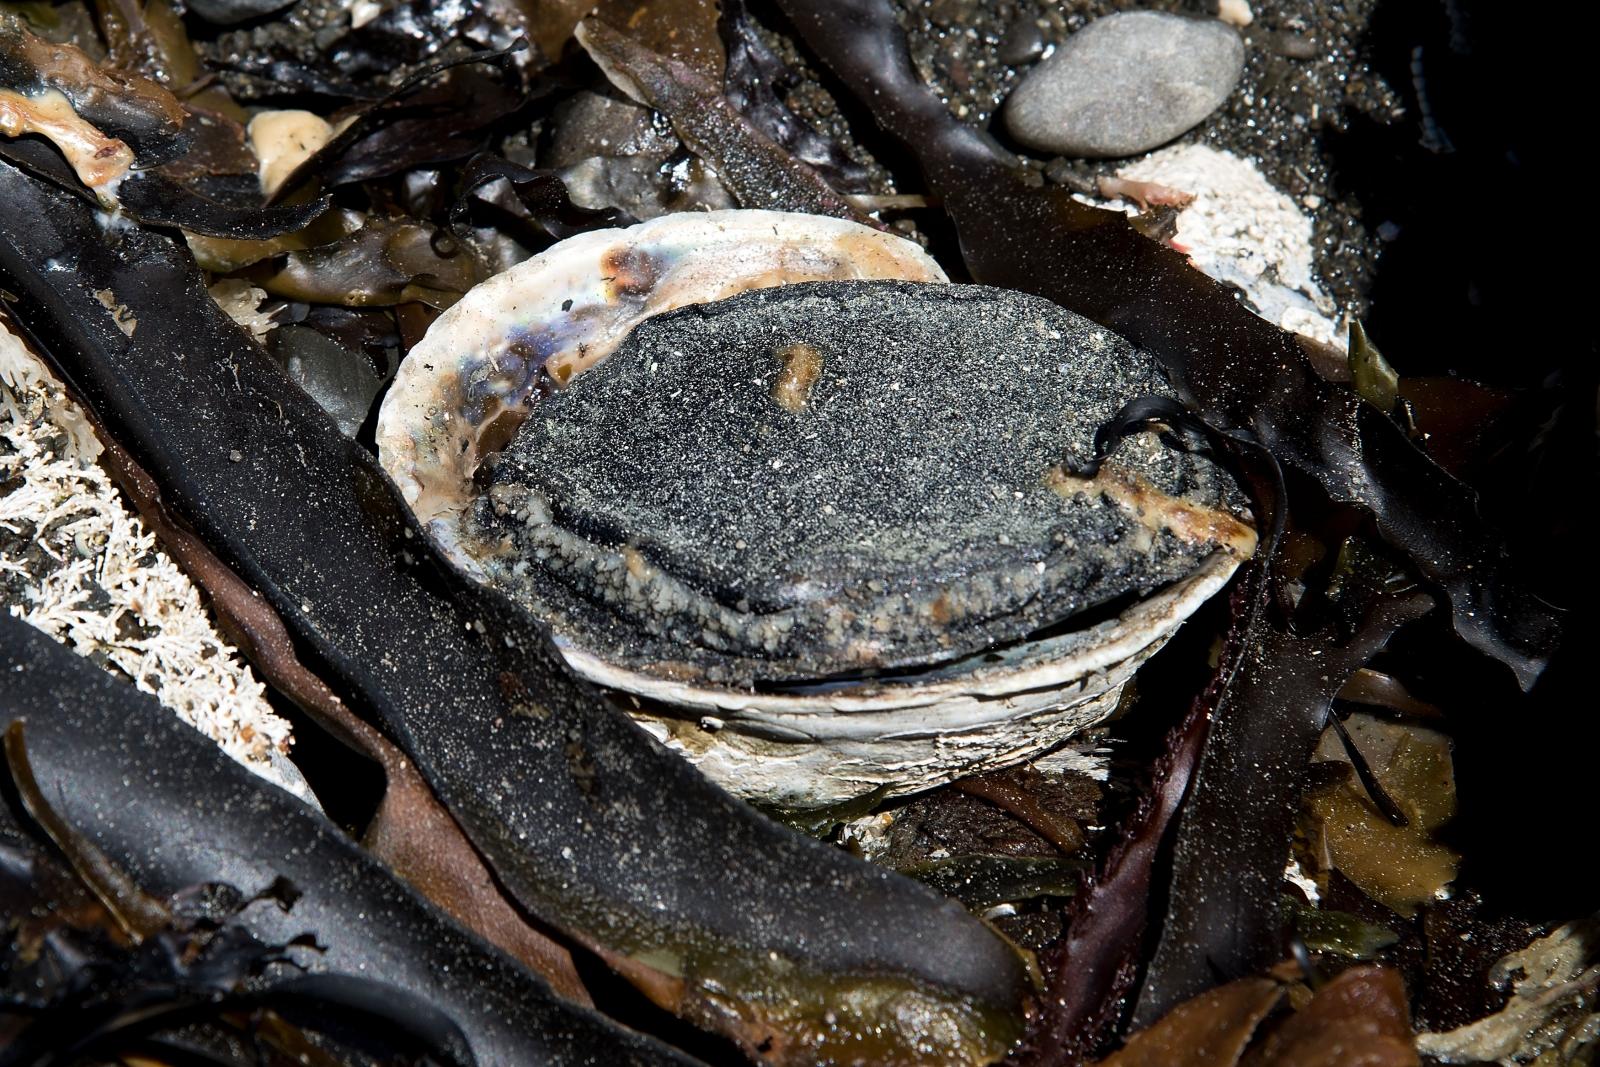 Paua shellfish